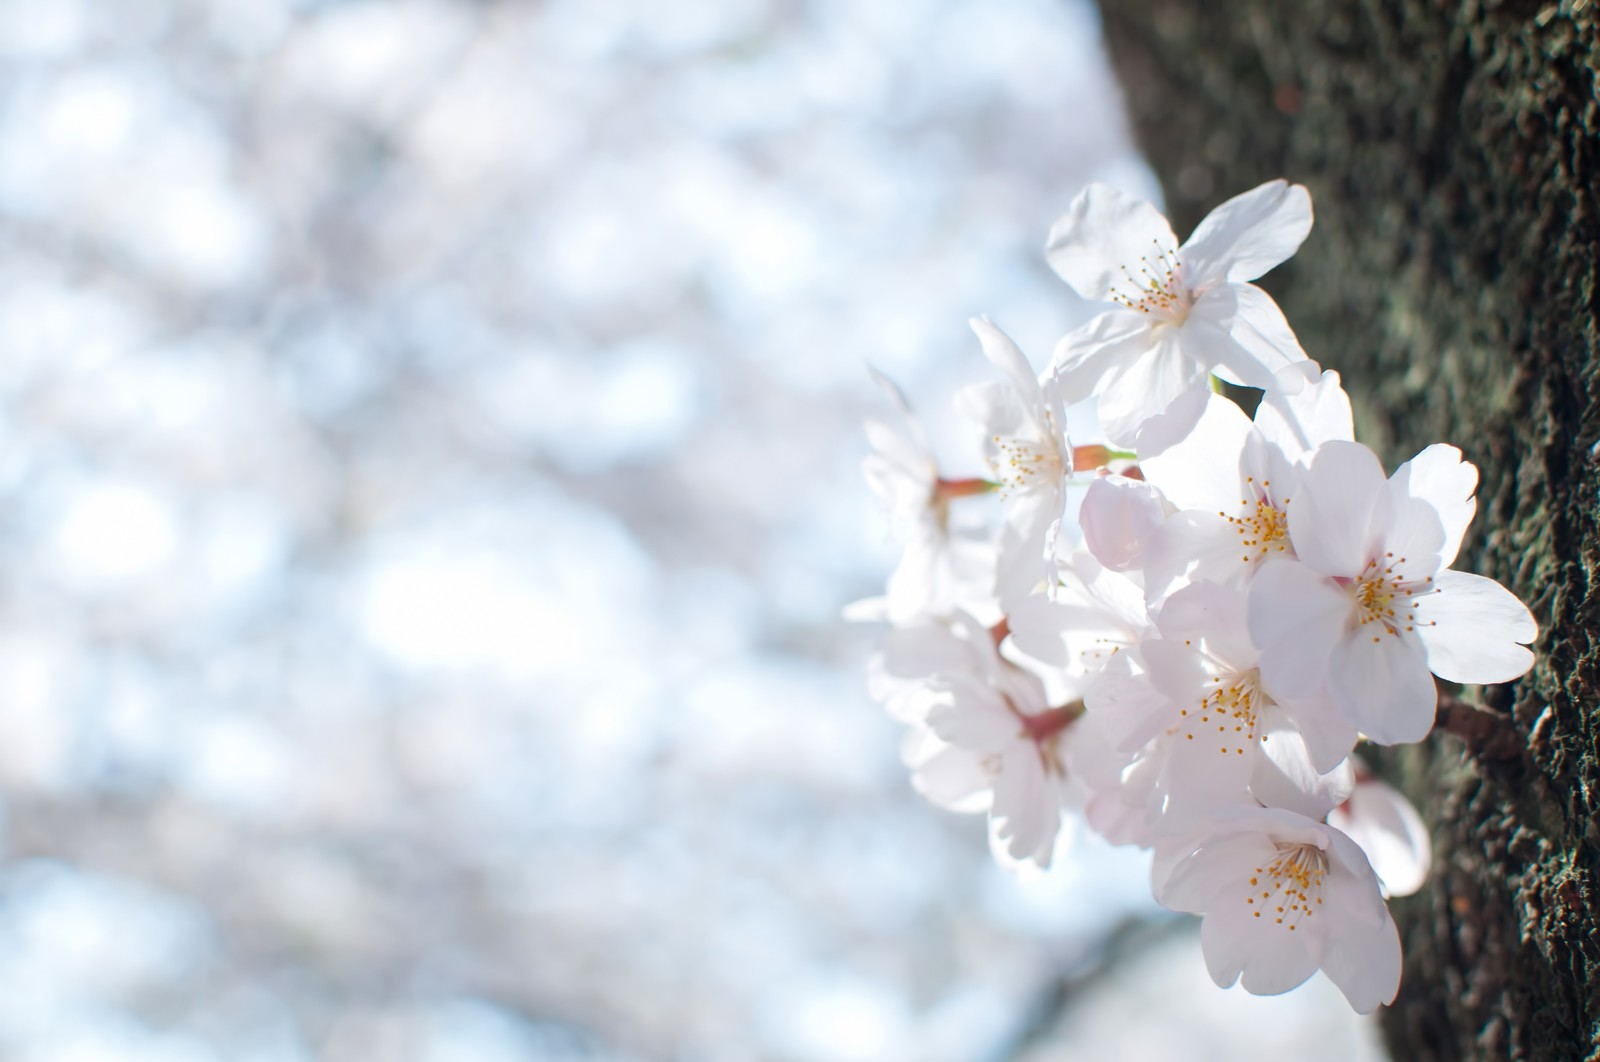 「冷たい空と桜の花」の写真